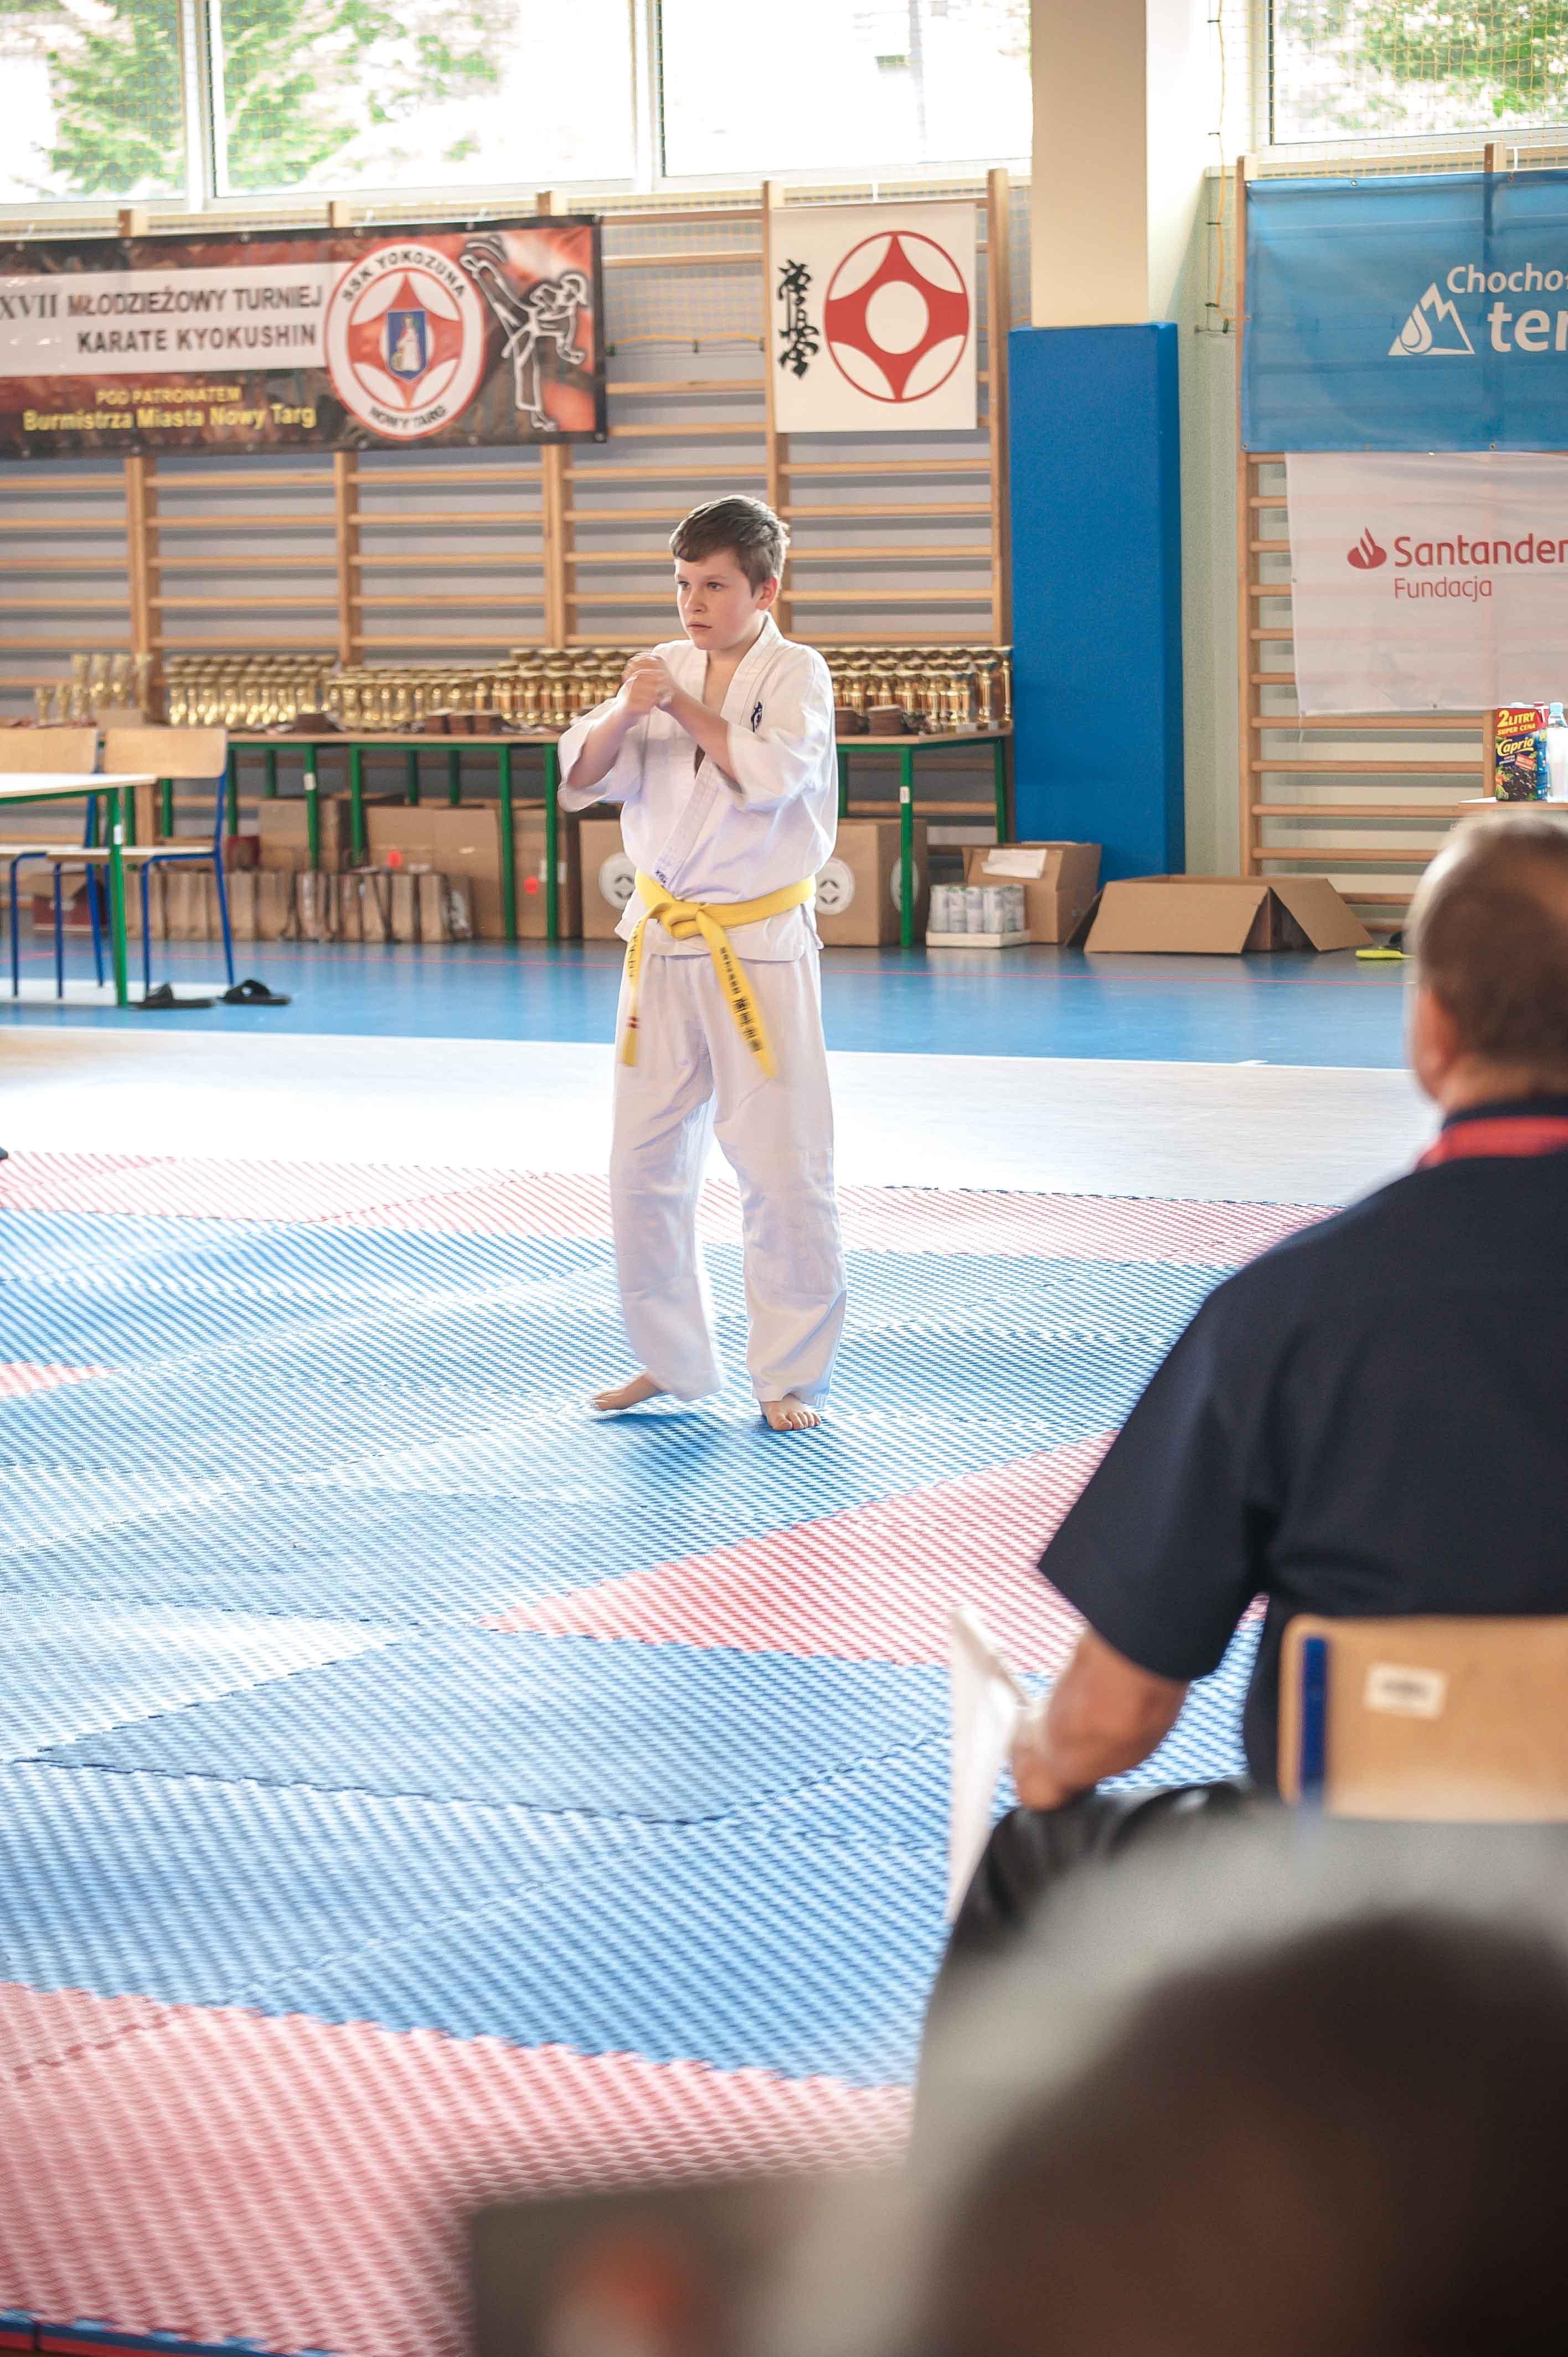 17 Turniej Karate Nowy Targ 2019_11.JPG